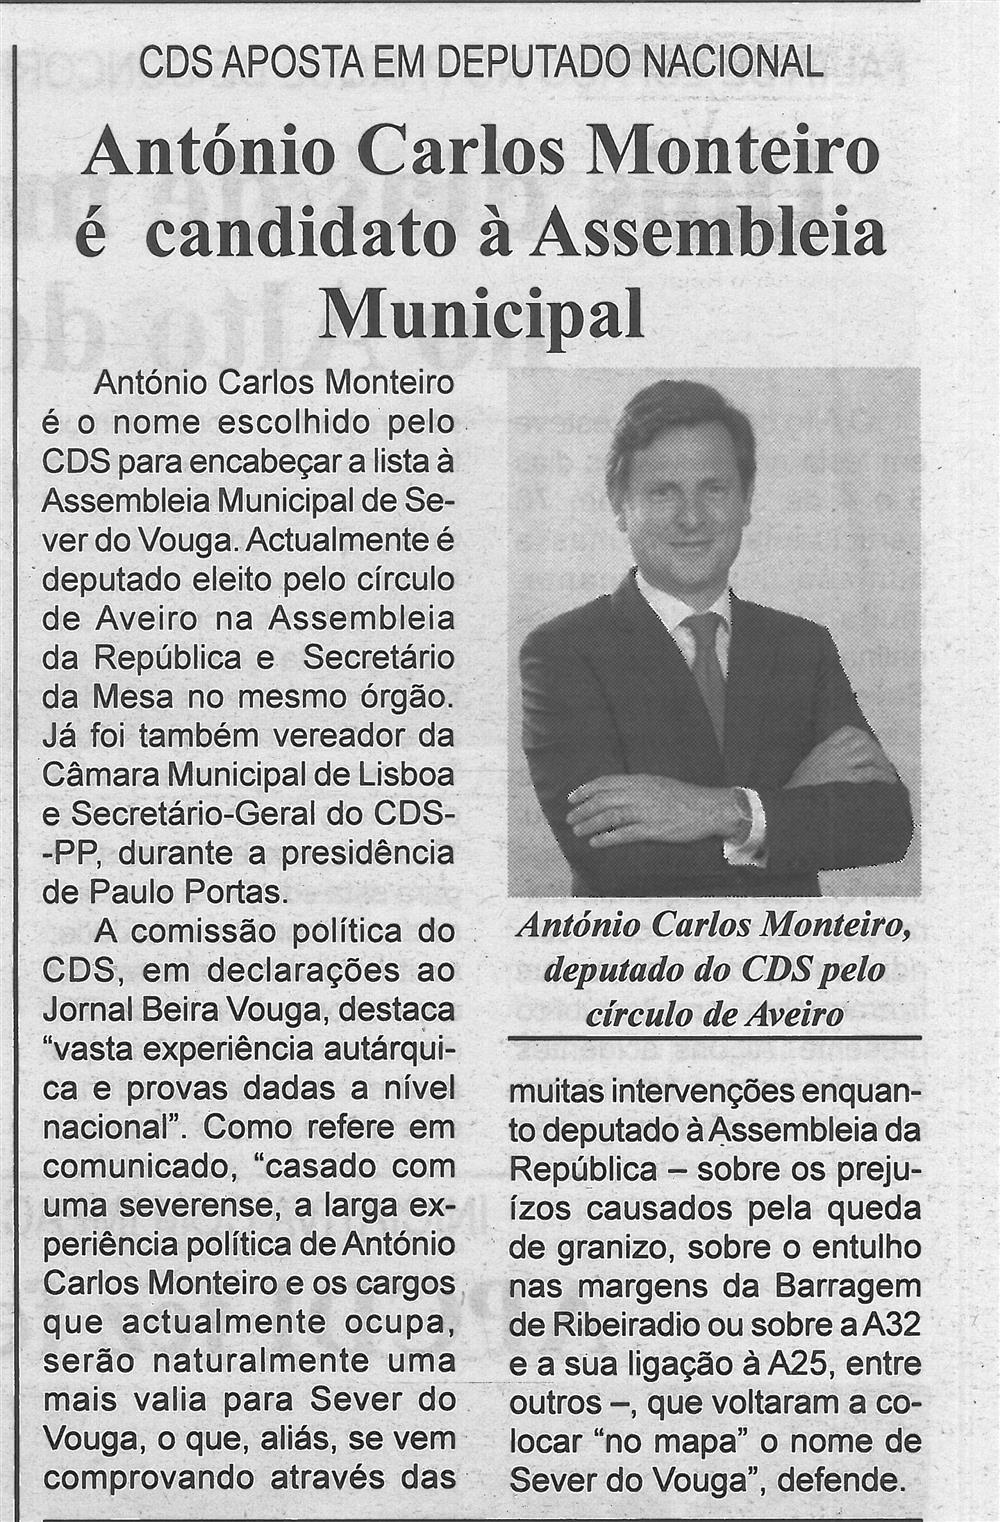 BV-2.ªjun.'17-p.5-António Carlos Monteiro é candidato à Assembleia Municipal : CDS aposta em deputado nacional.jpg